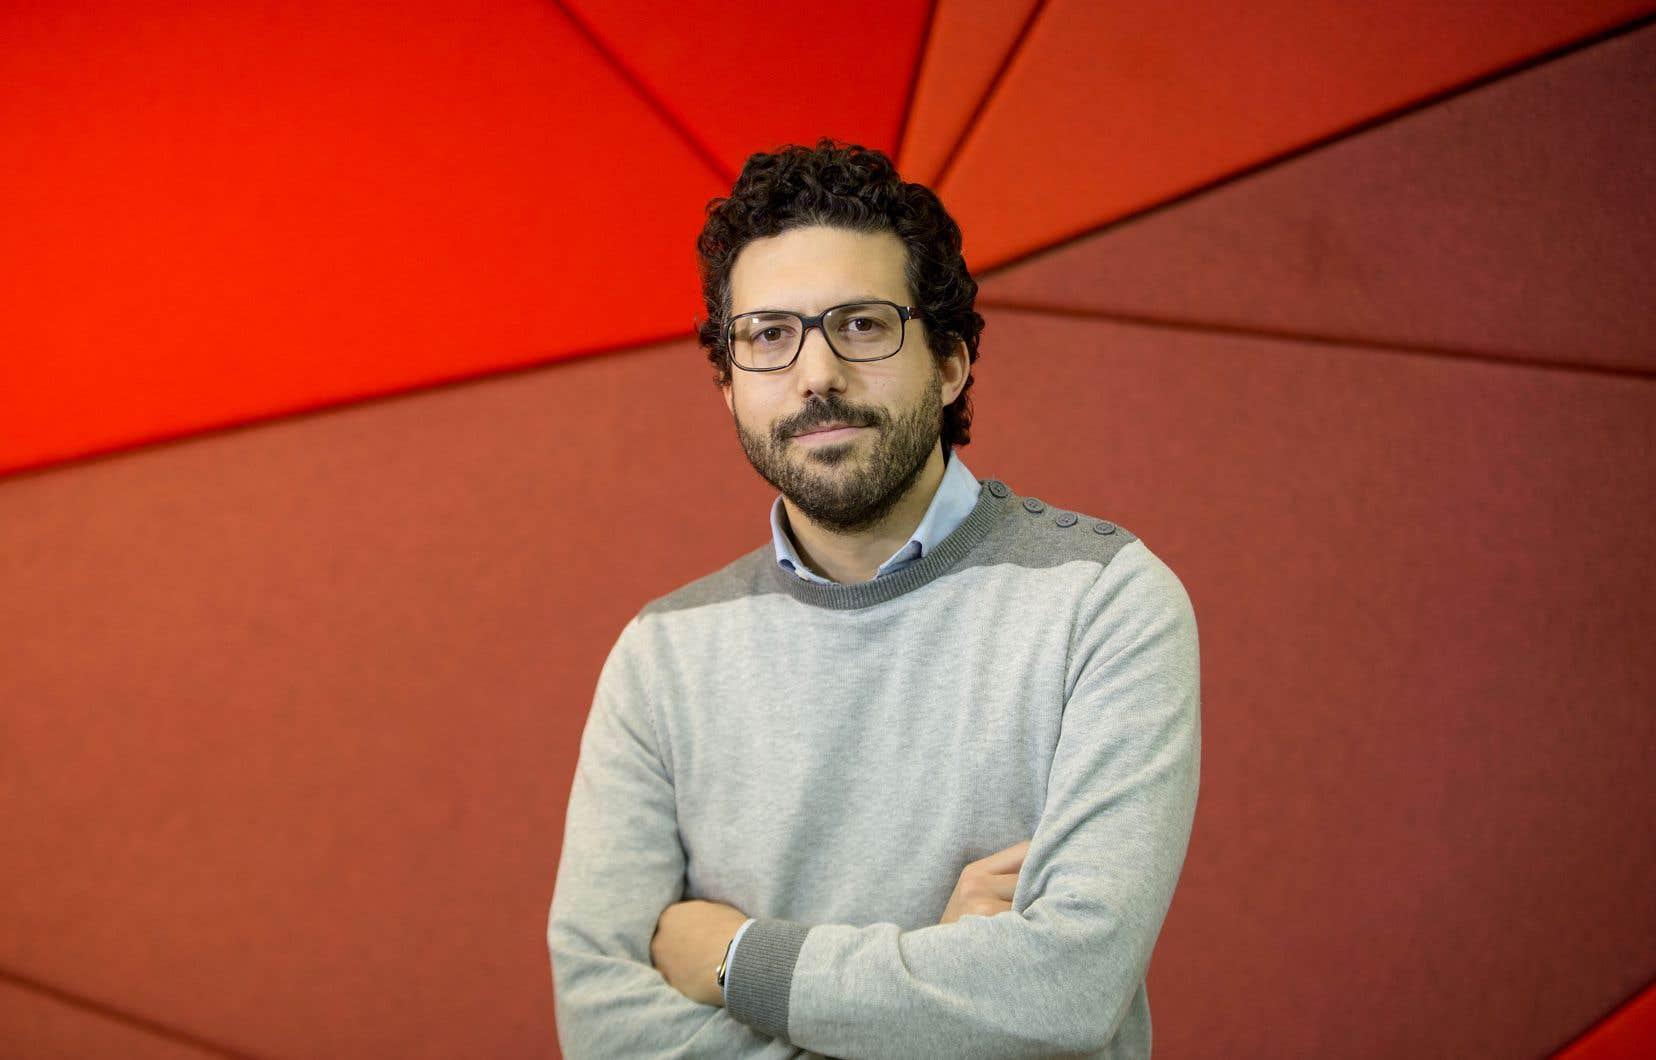 Benjamin Cabut croit que les compagnies exclusivement présentes sur Internet ont plus que jamais besoin d'aller à la rencontre de leurs clients.